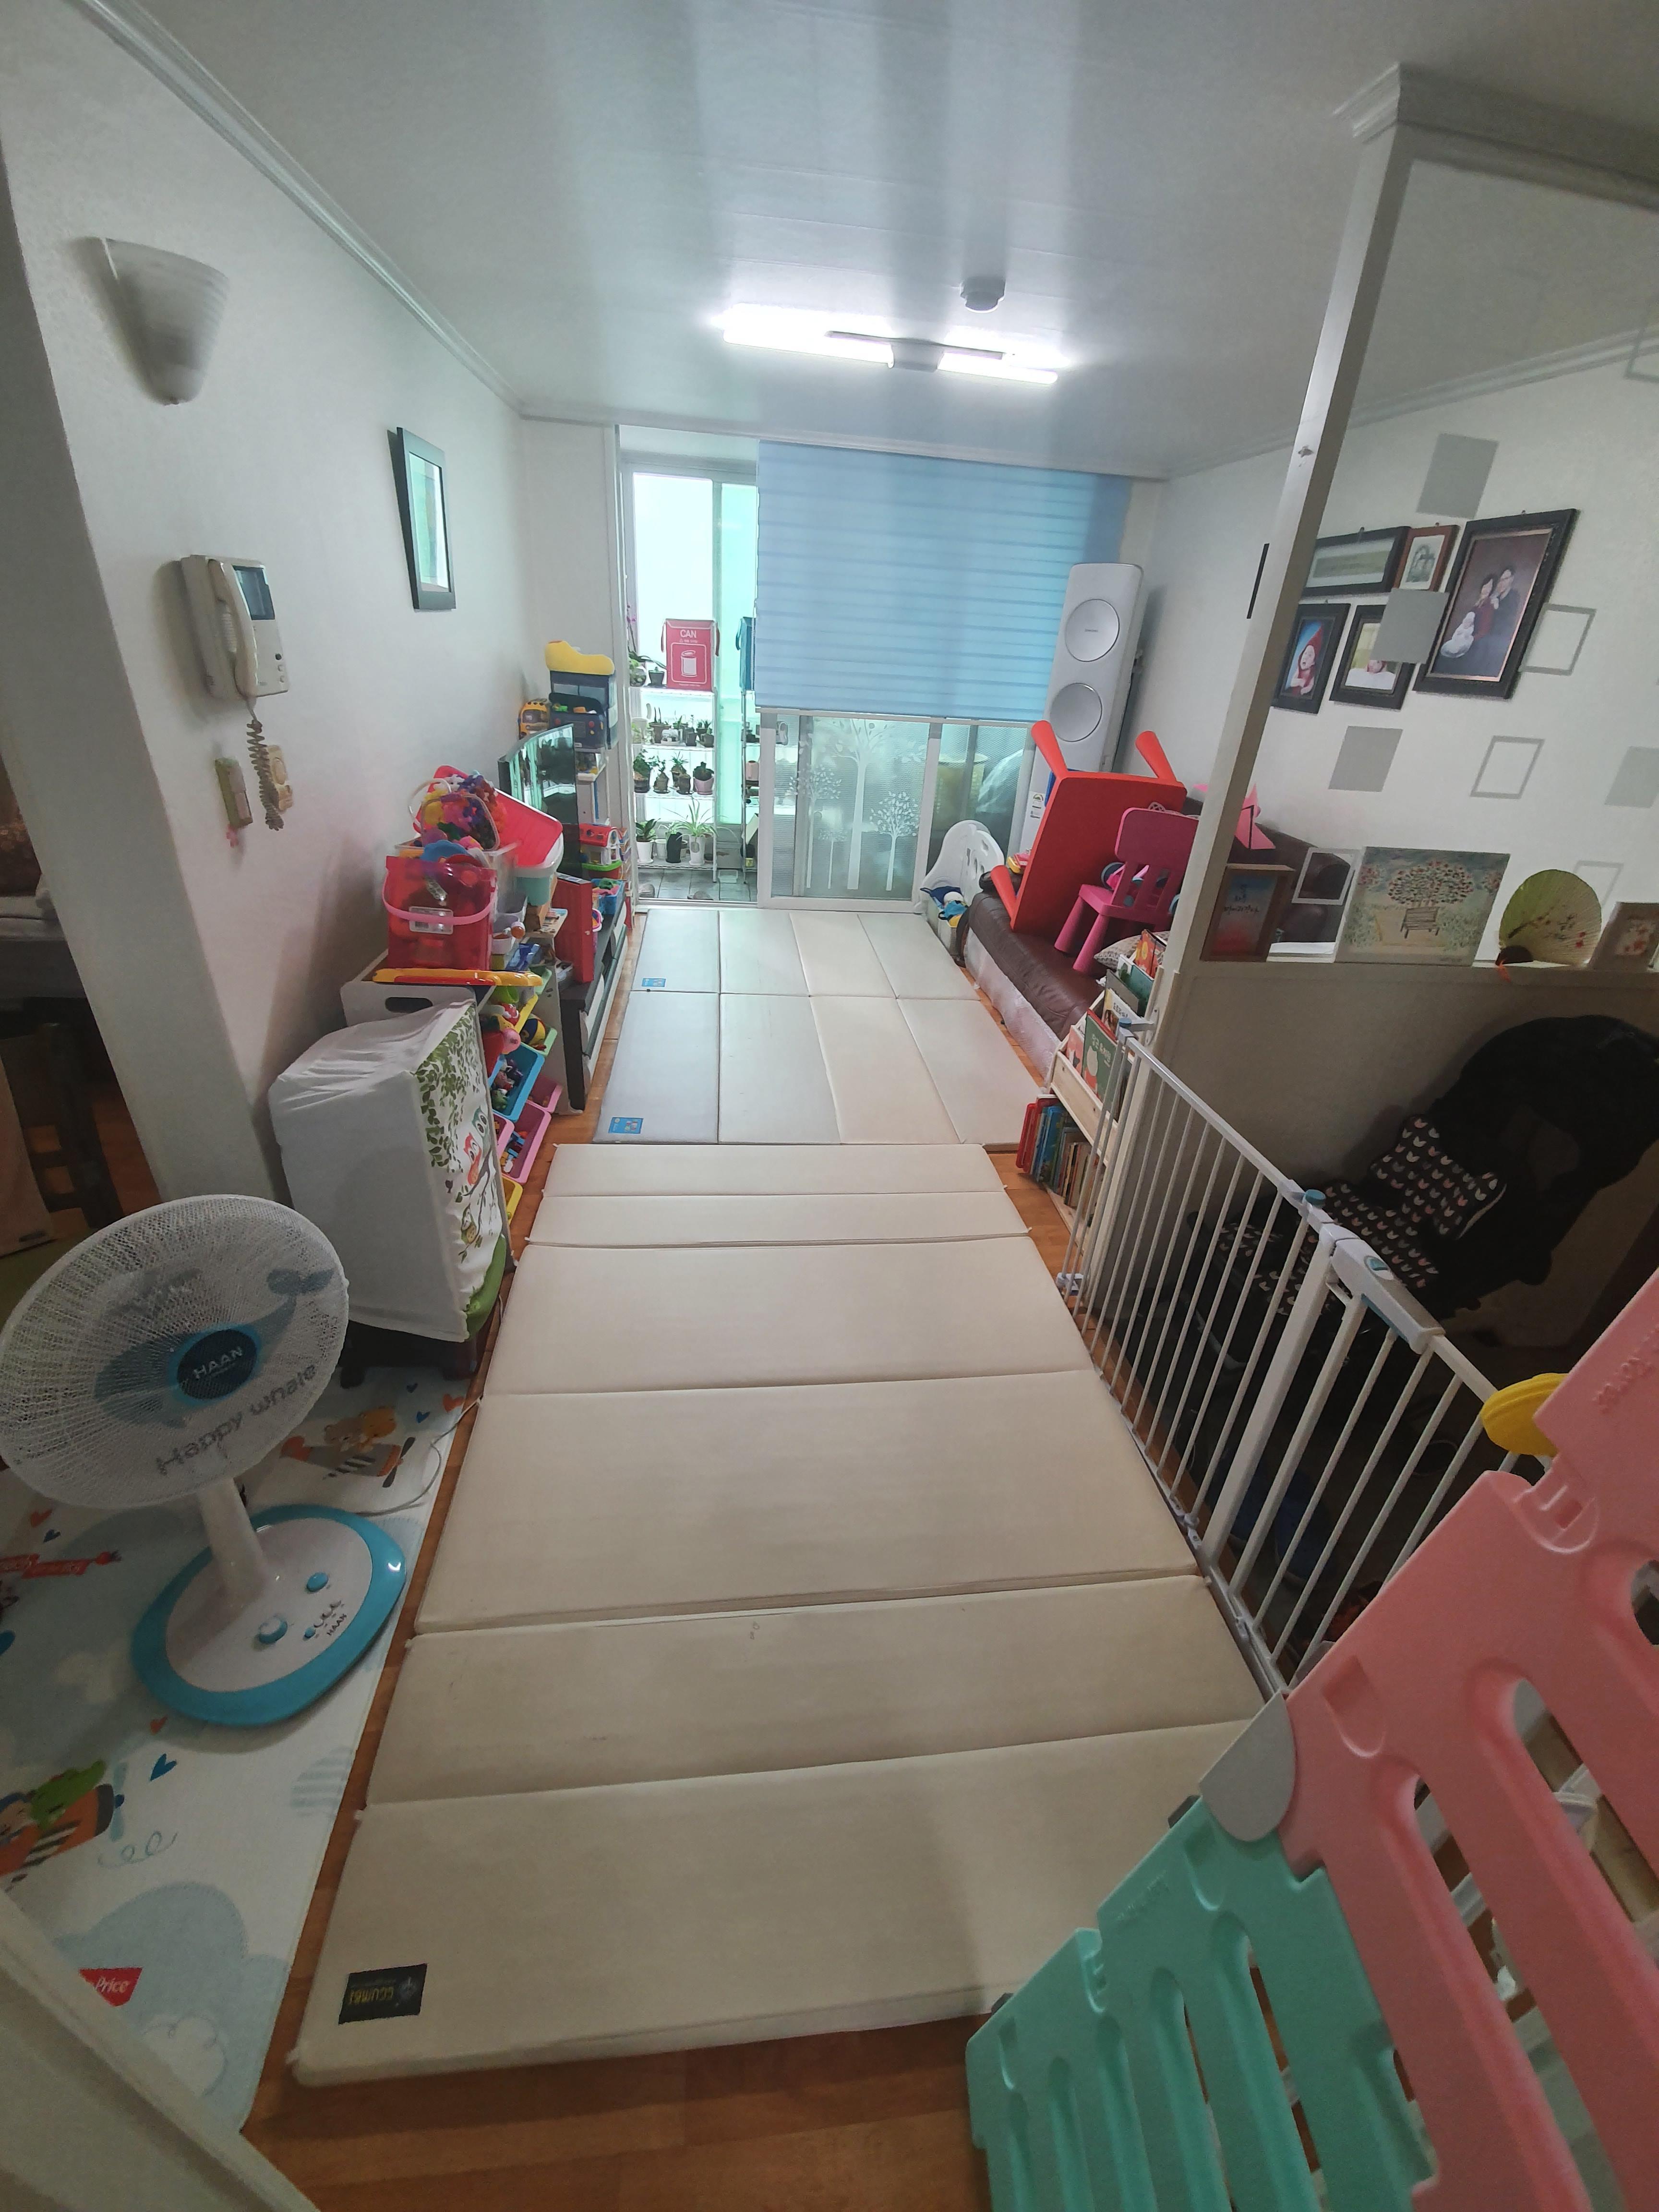 한달 반 만에 대청소 : 매트 다 올려놓고 유선청소기 돌리고, 대걸레 청소하기